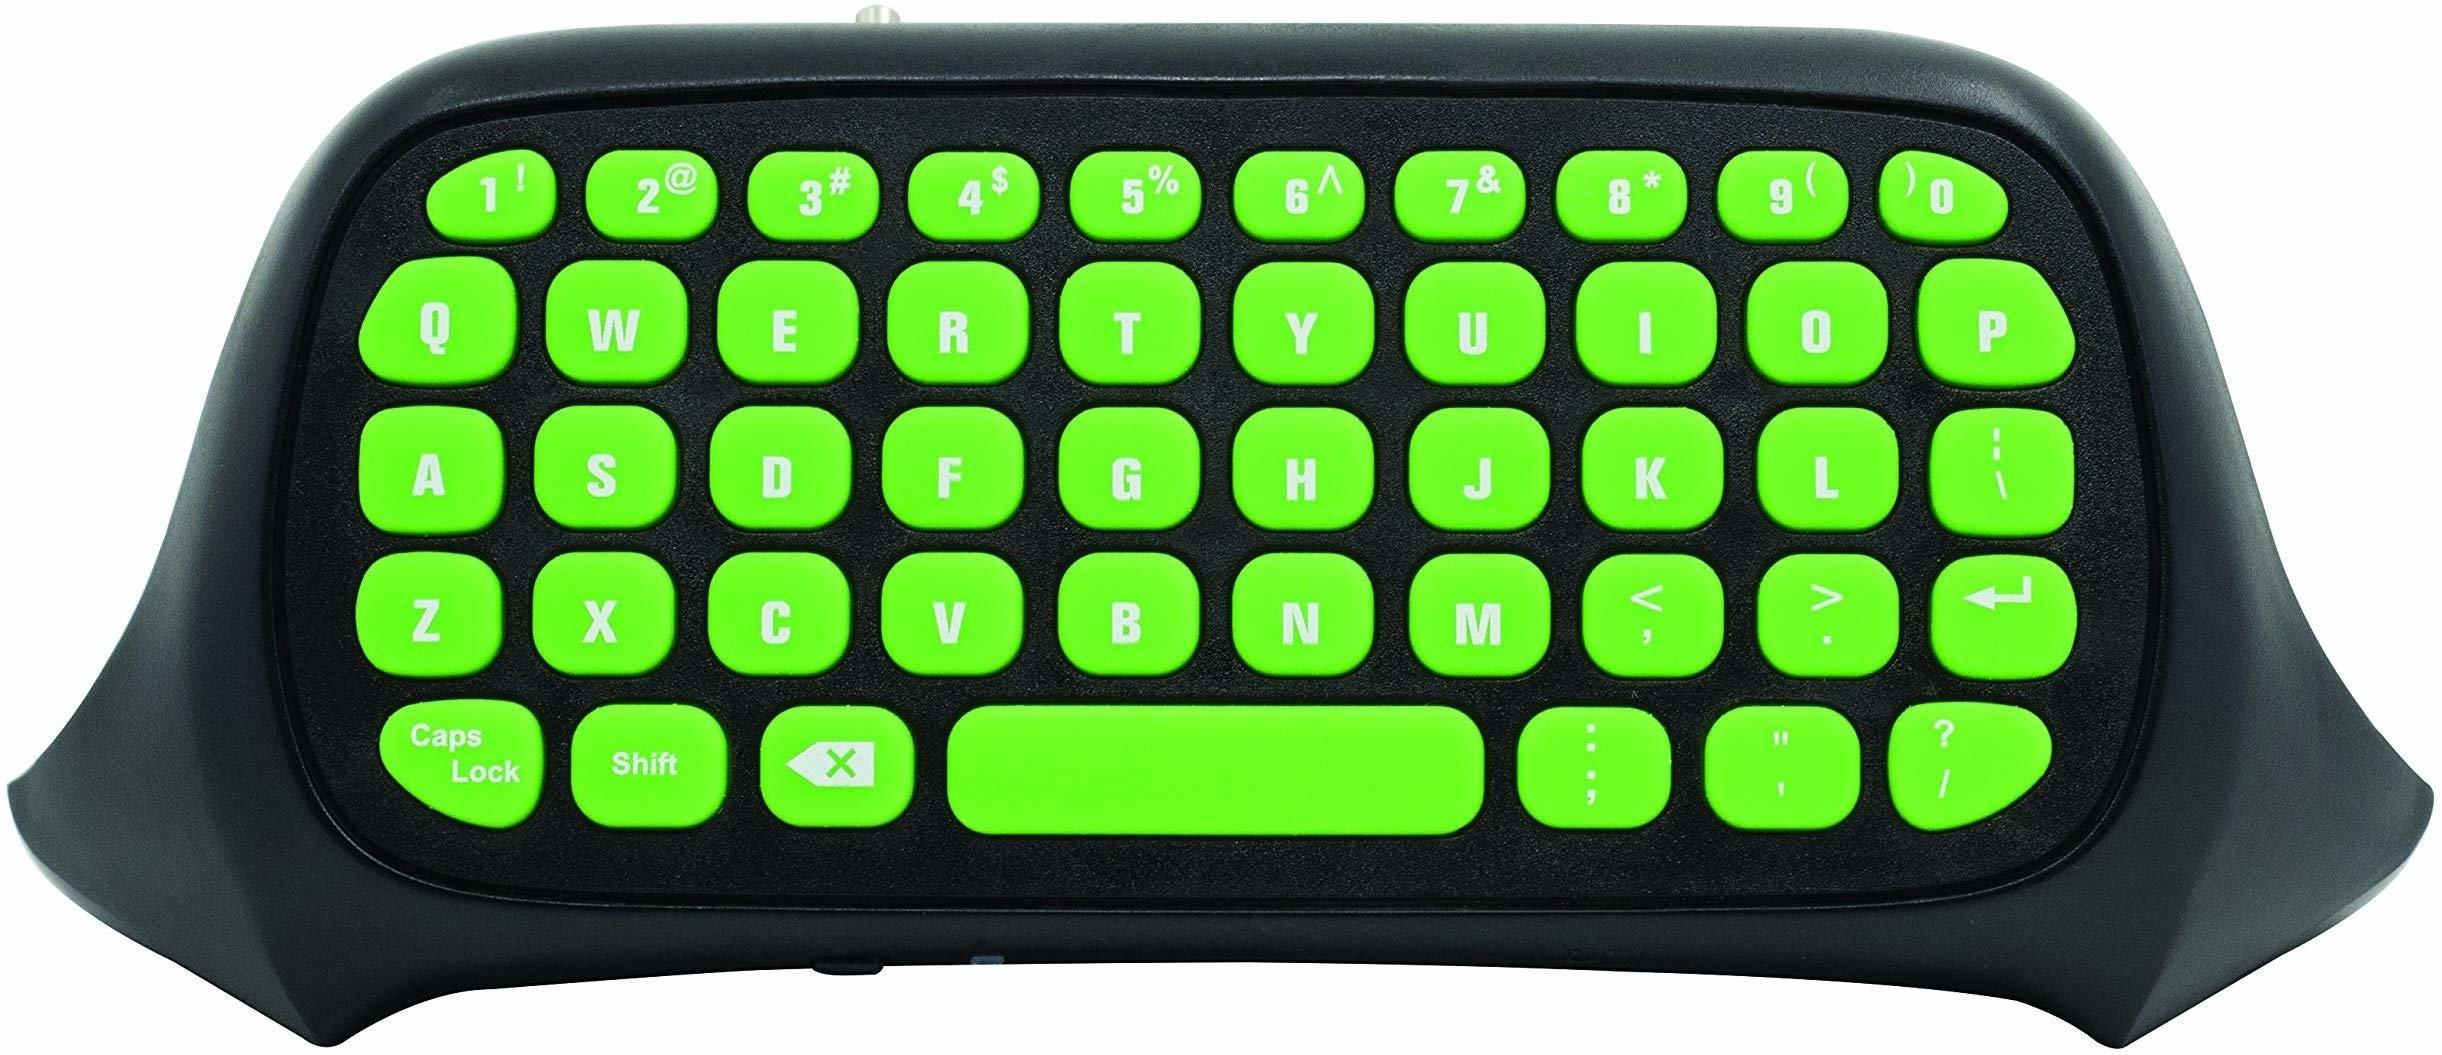 Snakebyte Klawiatura Key:Pad do kontrolera Xbox One SB909894 SB909894